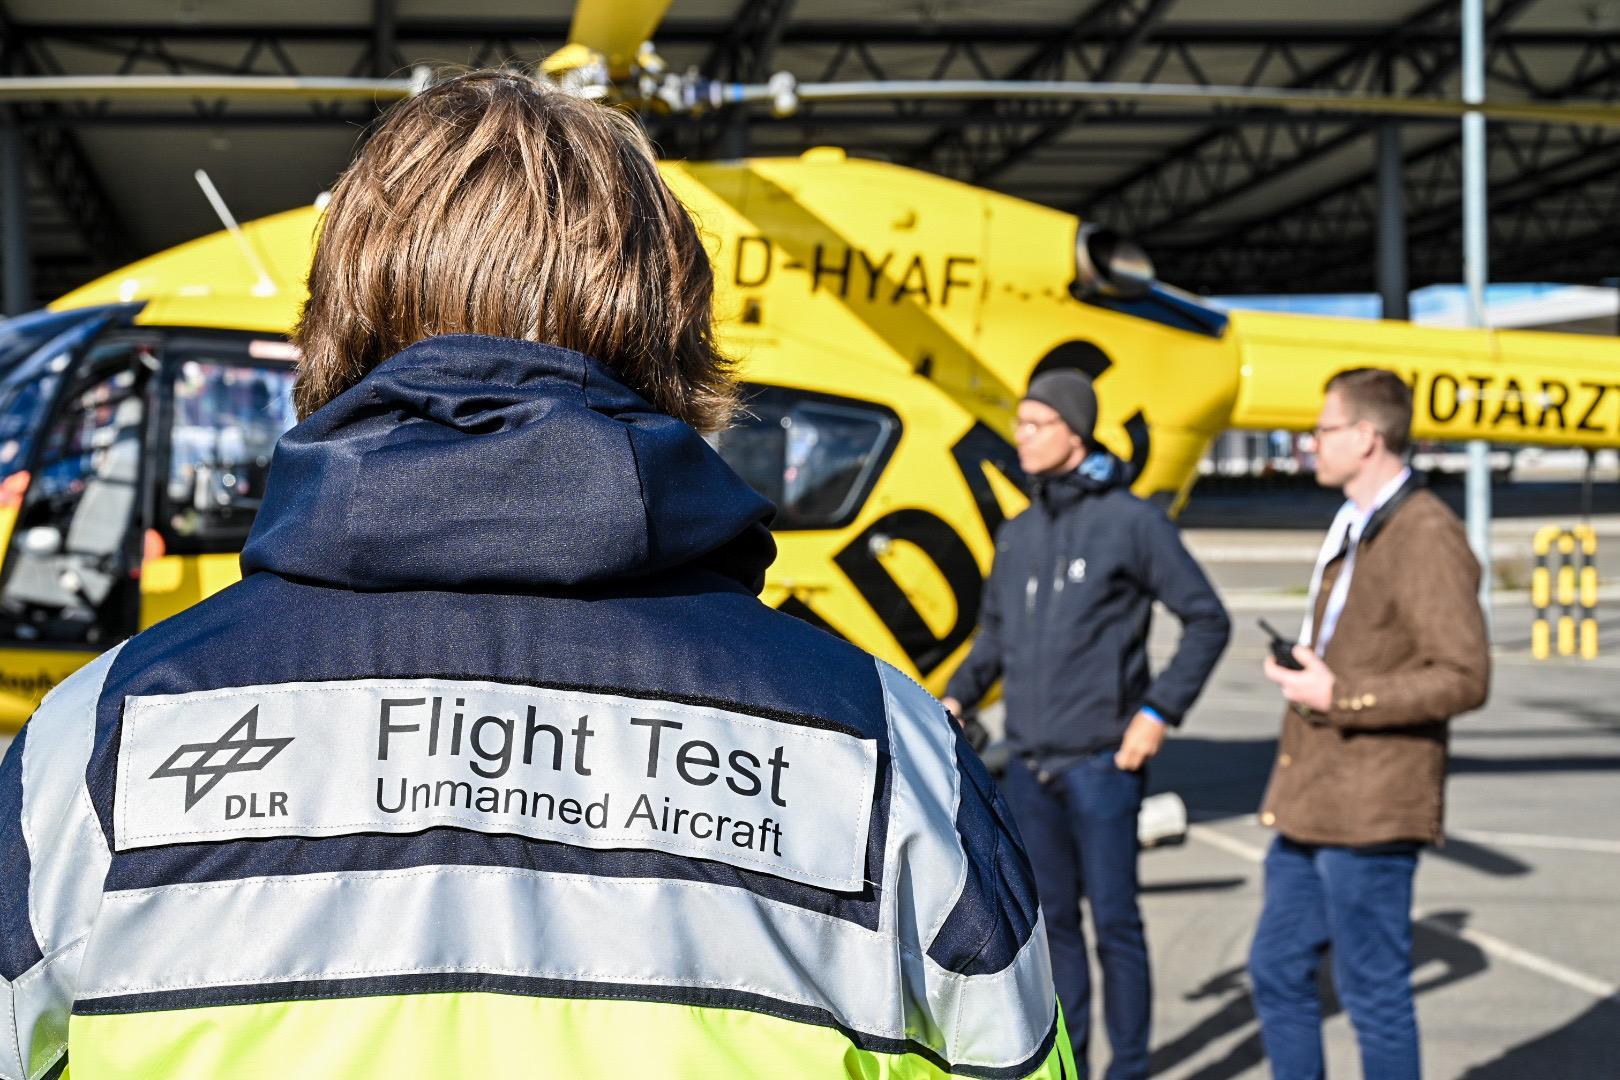 Gemeinsames Premiere für Air2X-Partner Bild 4/4, Credit: © DLR. Alle Rechte vorbehalten